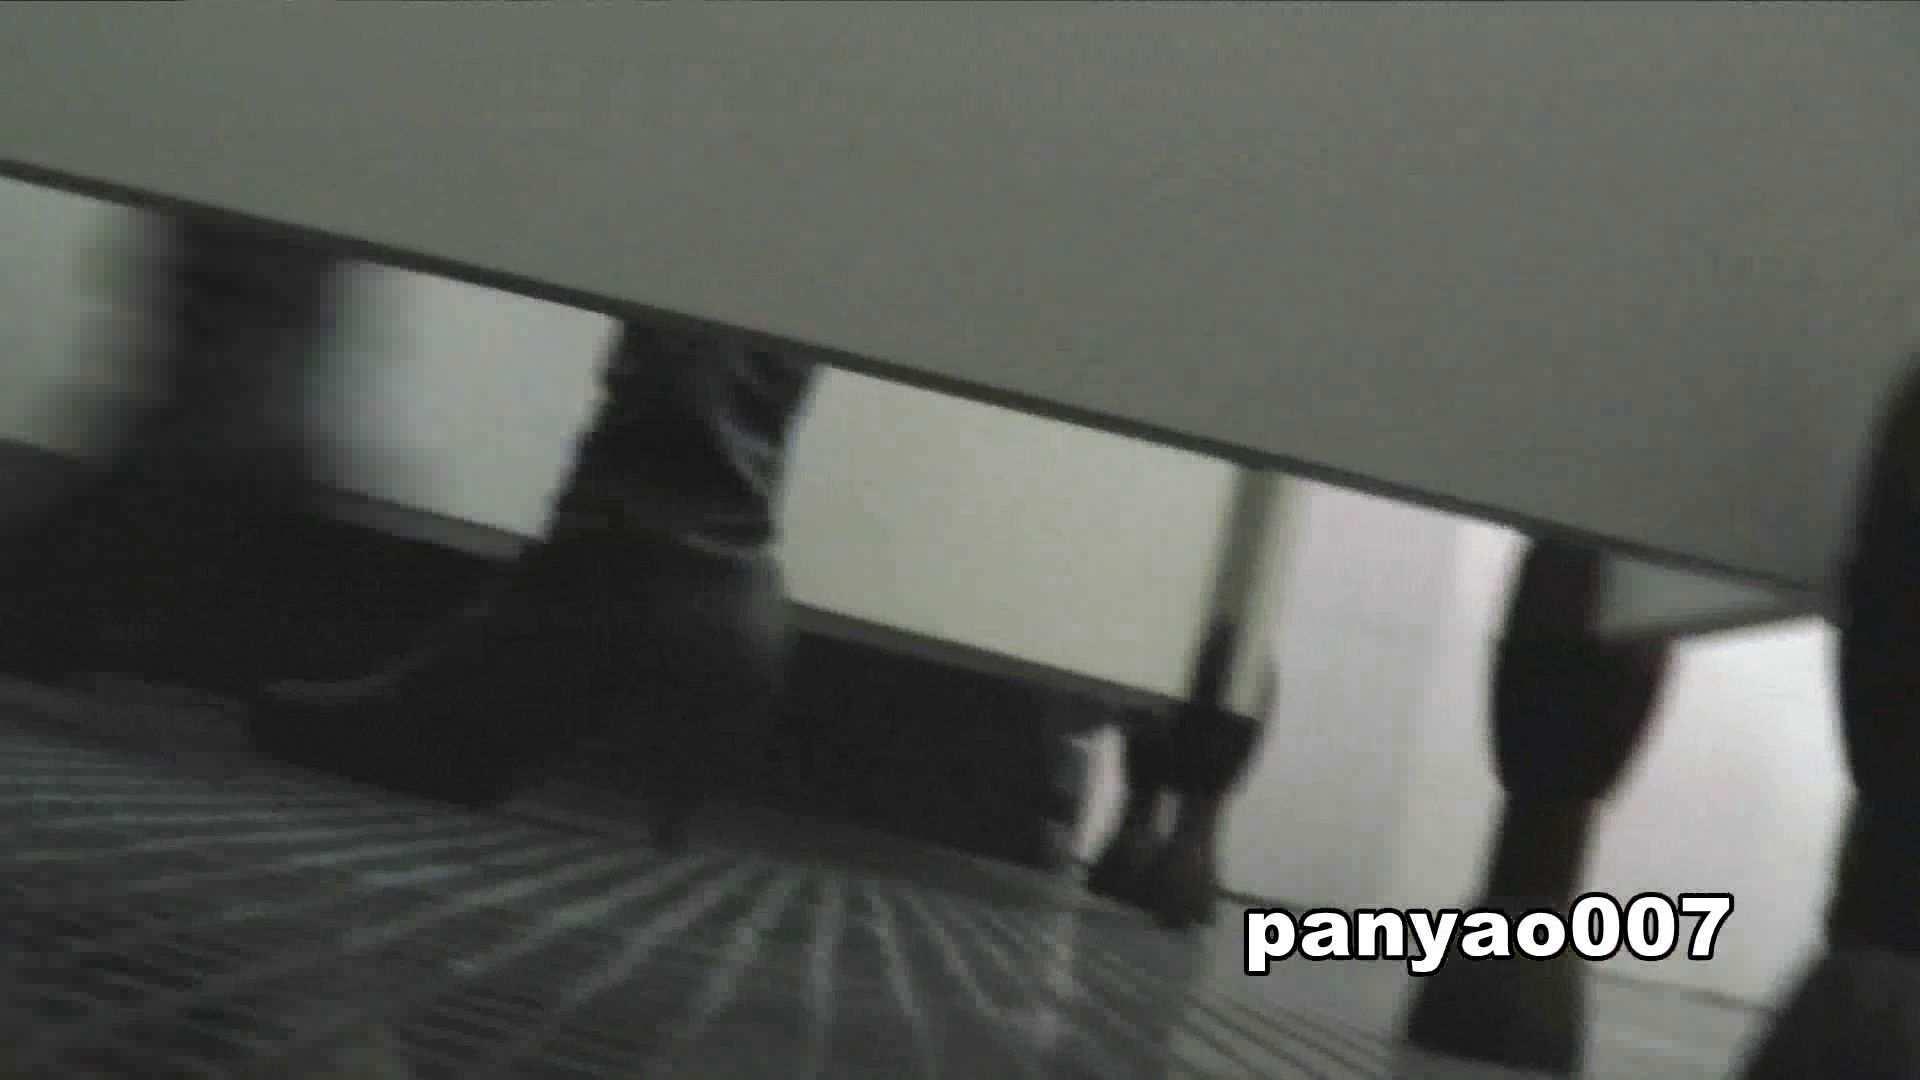 日本成人用品展览会。vol.07 照射実験 潜入突撃 オメコ無修正動画無料 97pic 89